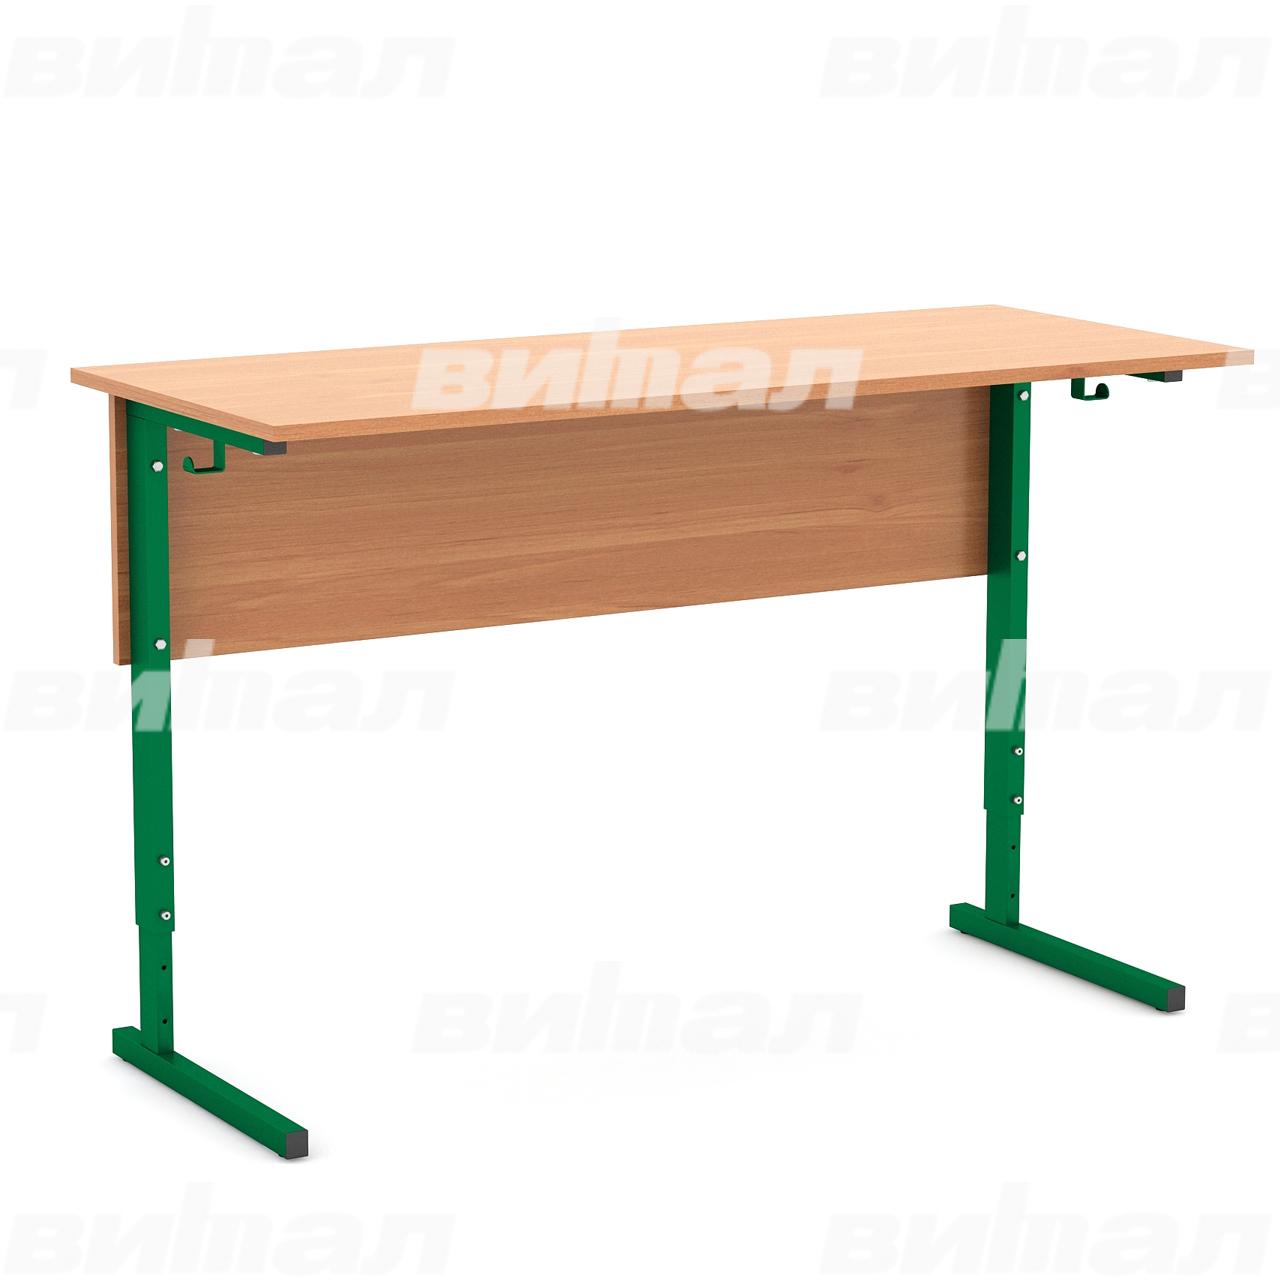 Стол ученический 2-местный регулируемый (гр. 2-4, 3-5 или 4-6) зеленый Ольха 3-5 Меламин